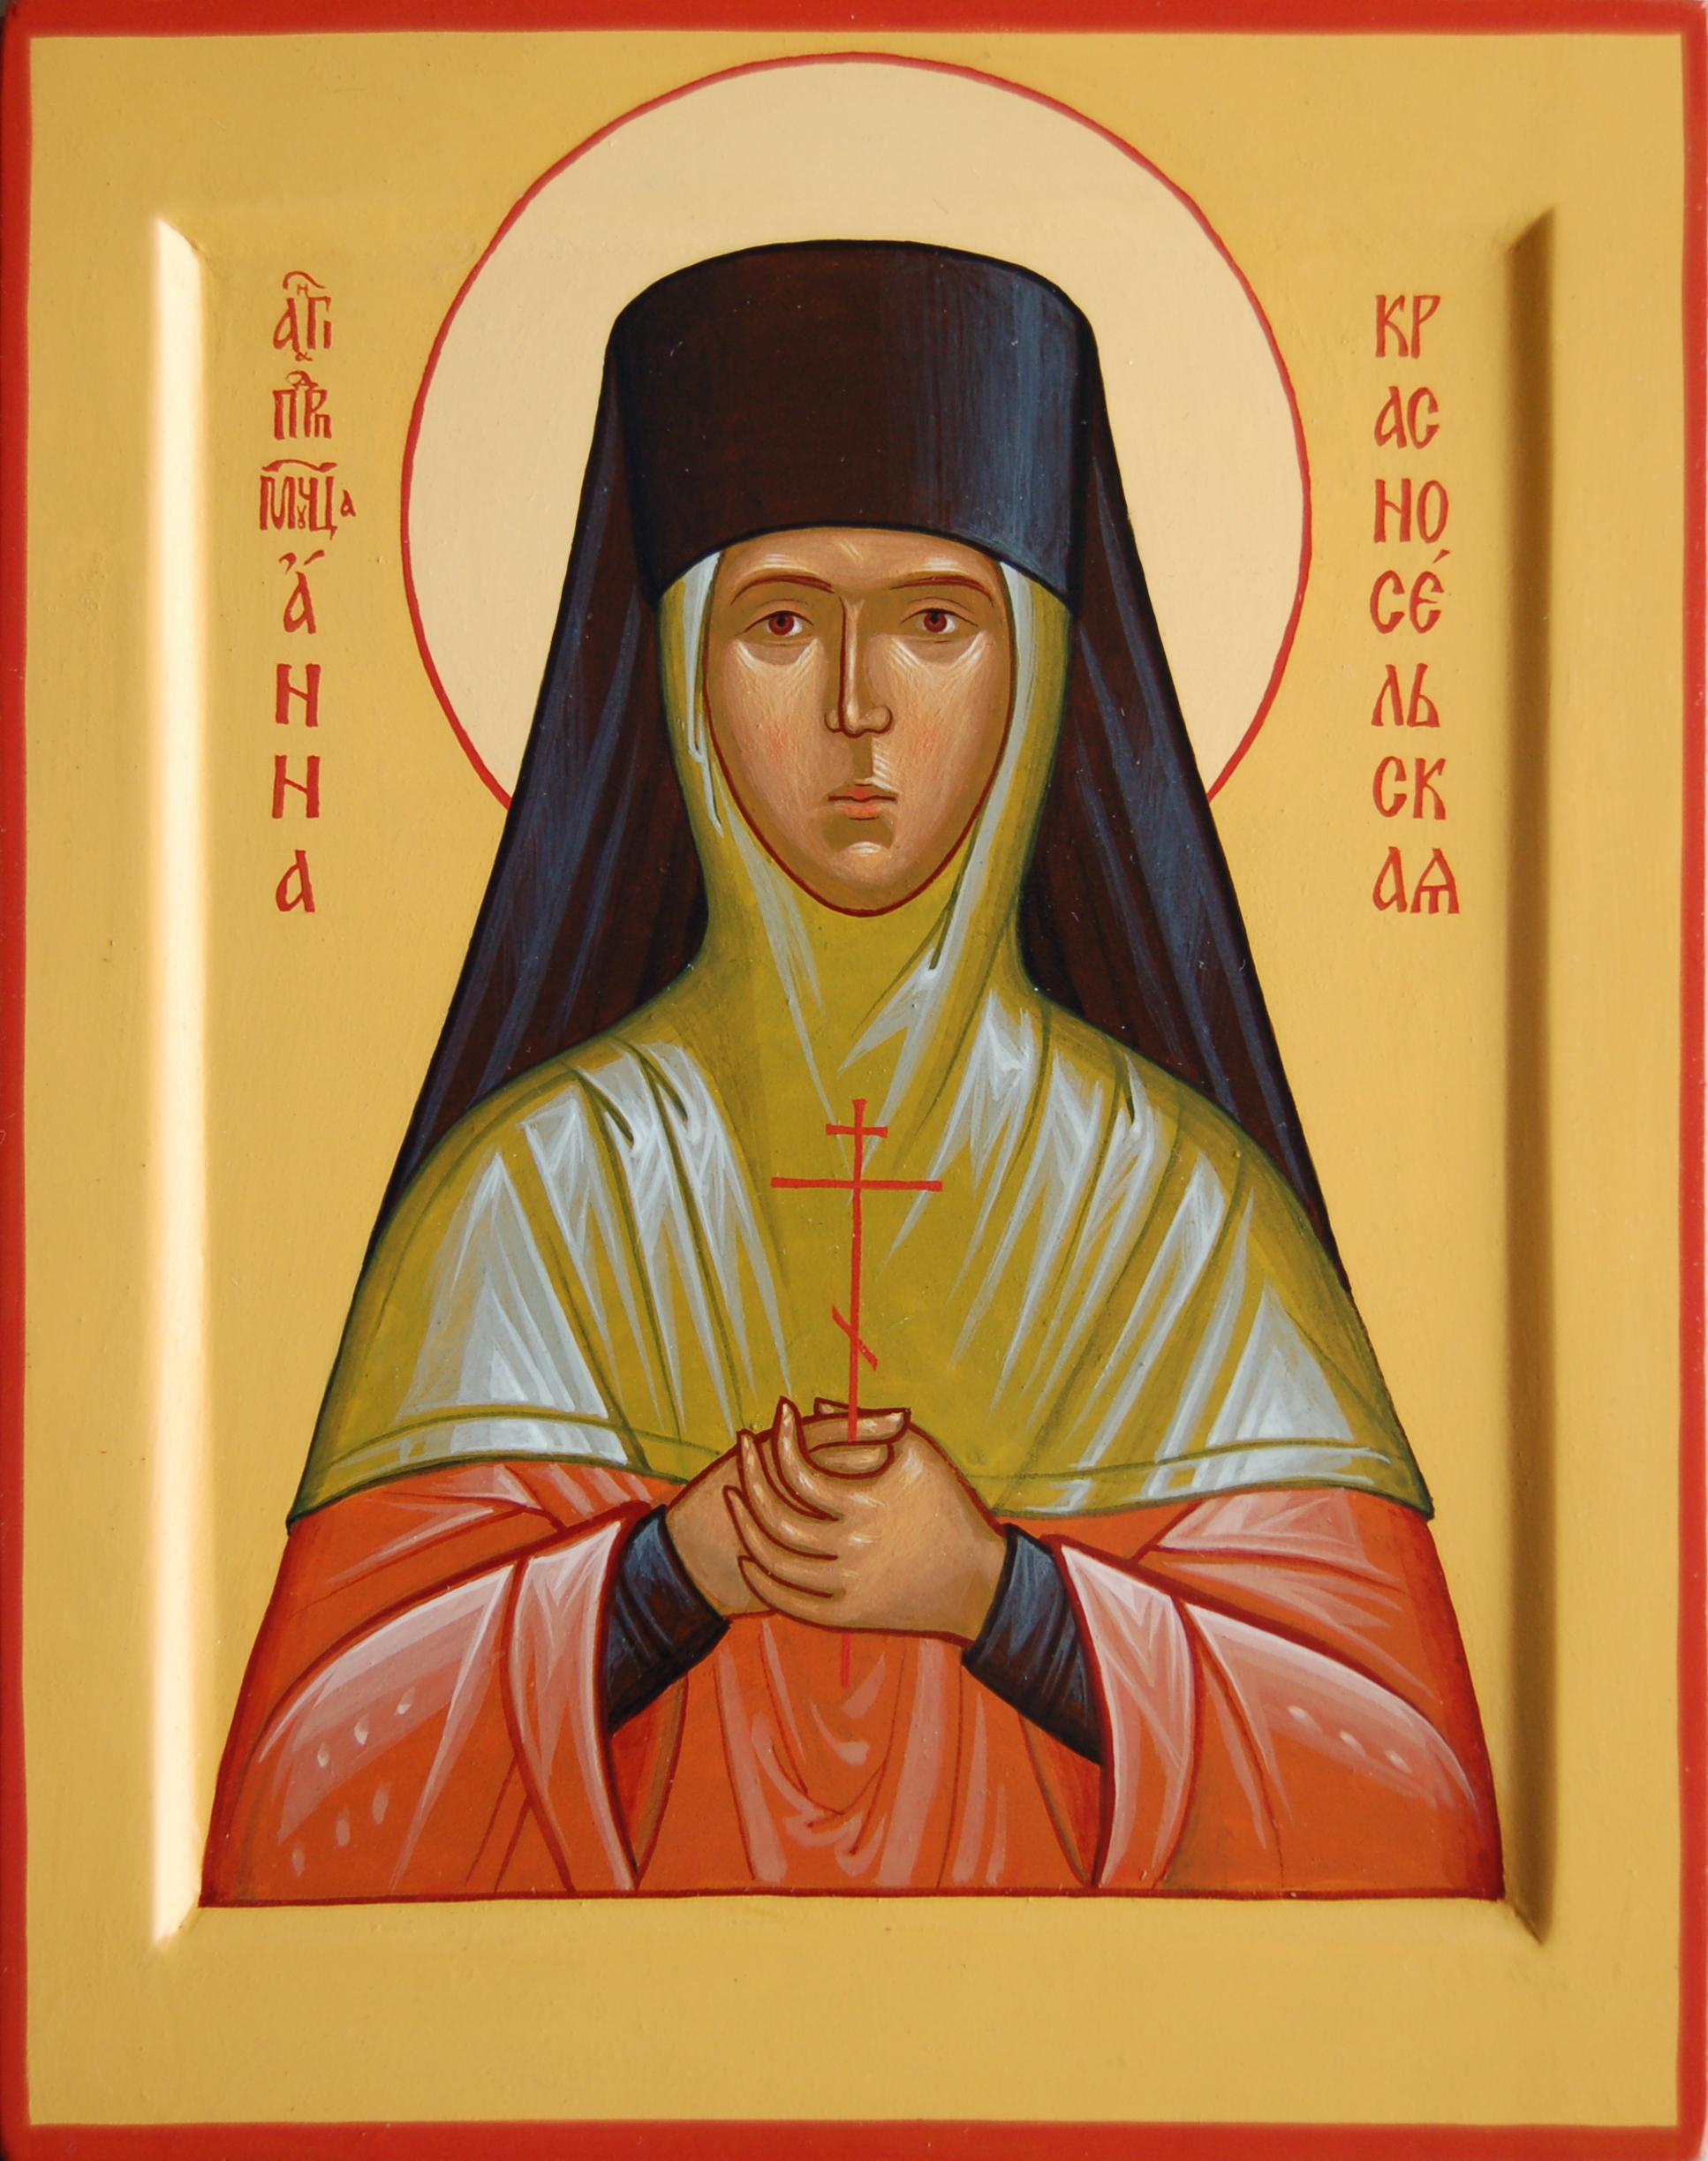 Икона святой преподобномученицы Анны ...: petr-icons.ru/icon/141.html